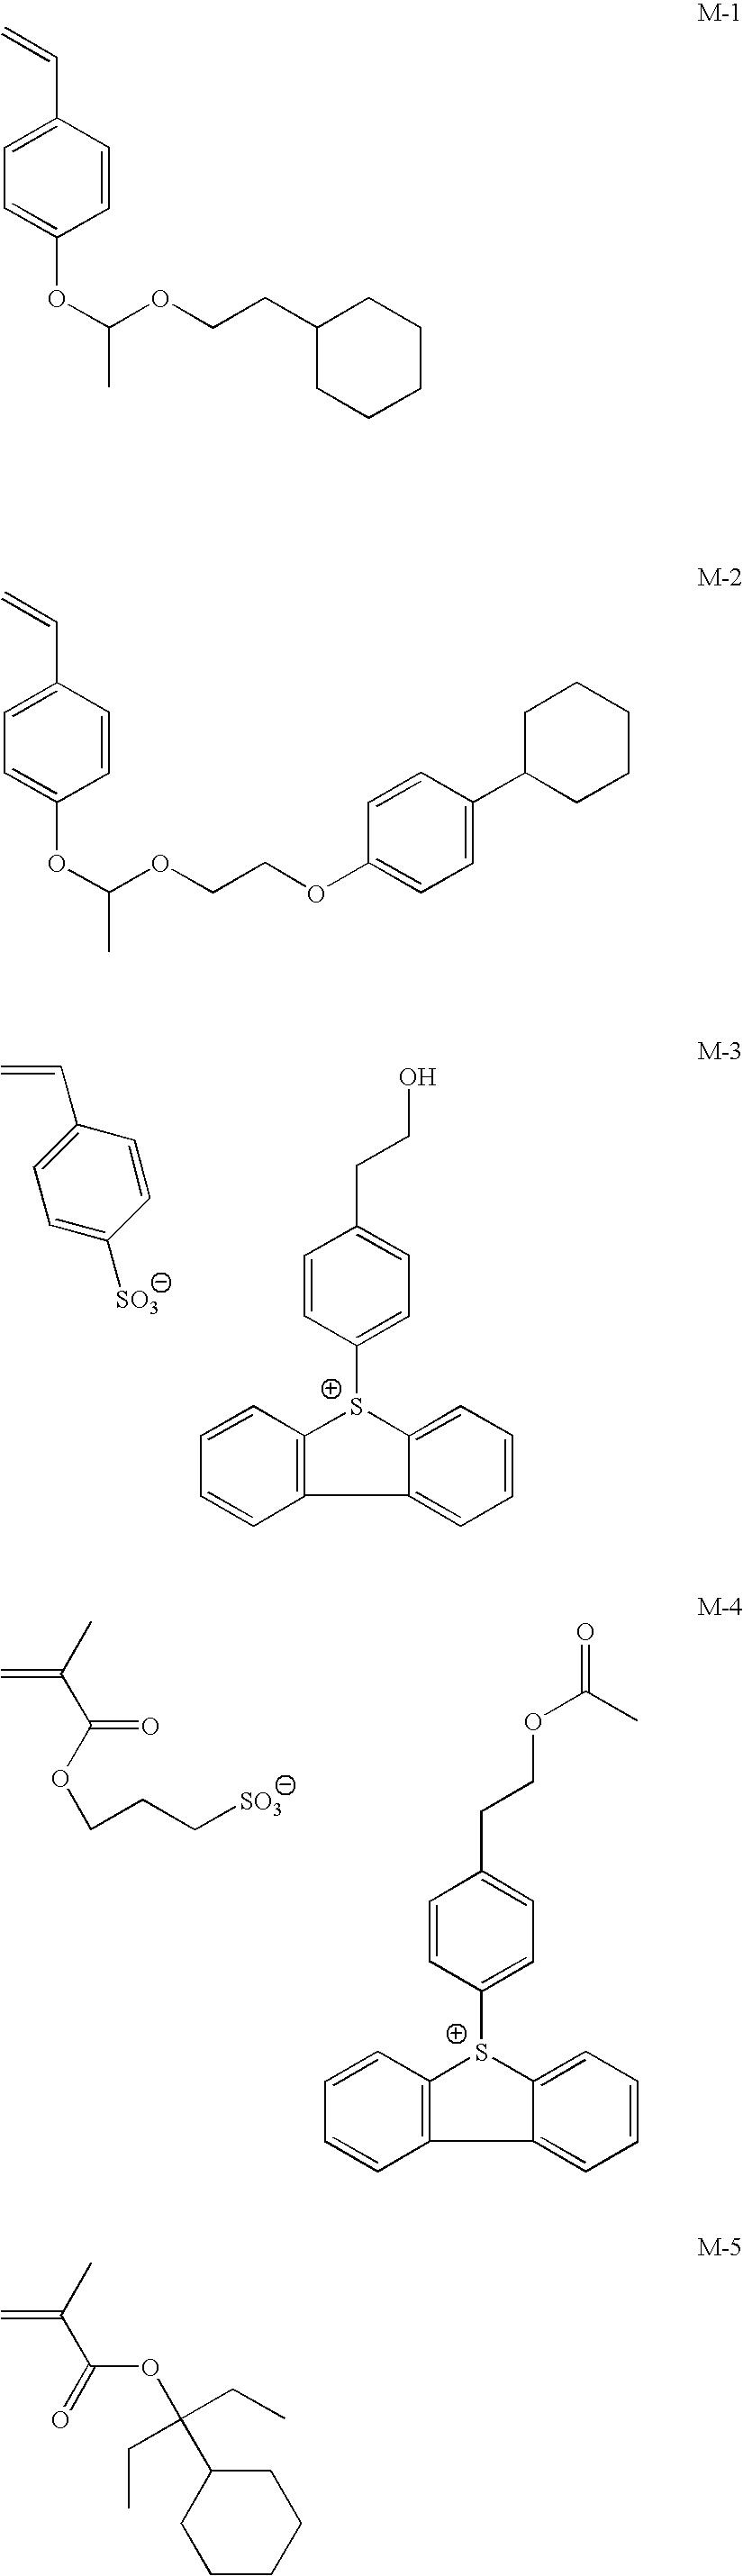 Figure US08852845-20141007-C00233